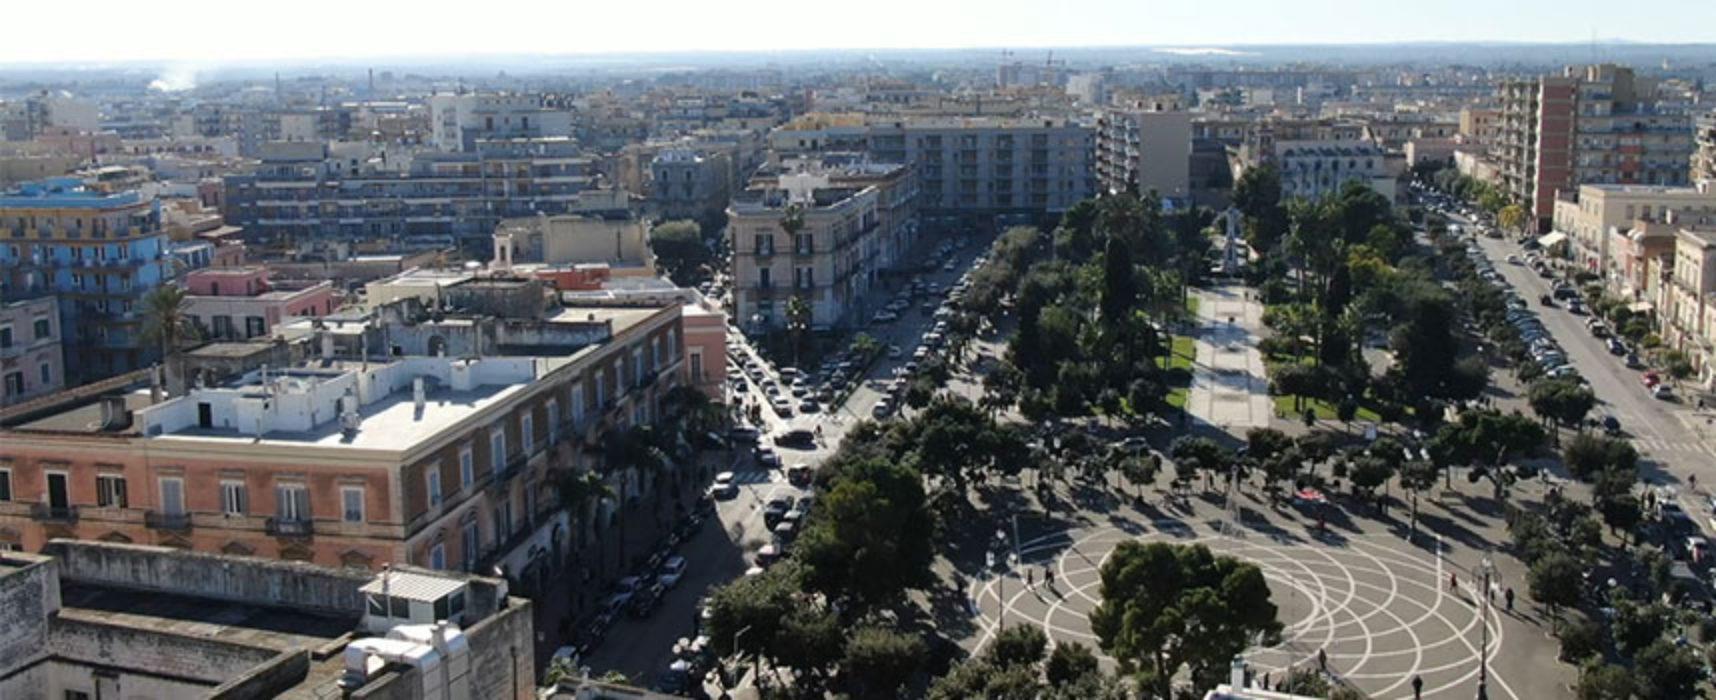 Bisceglie nella classifica delle città più vivibili stilata da Amazing Puglia